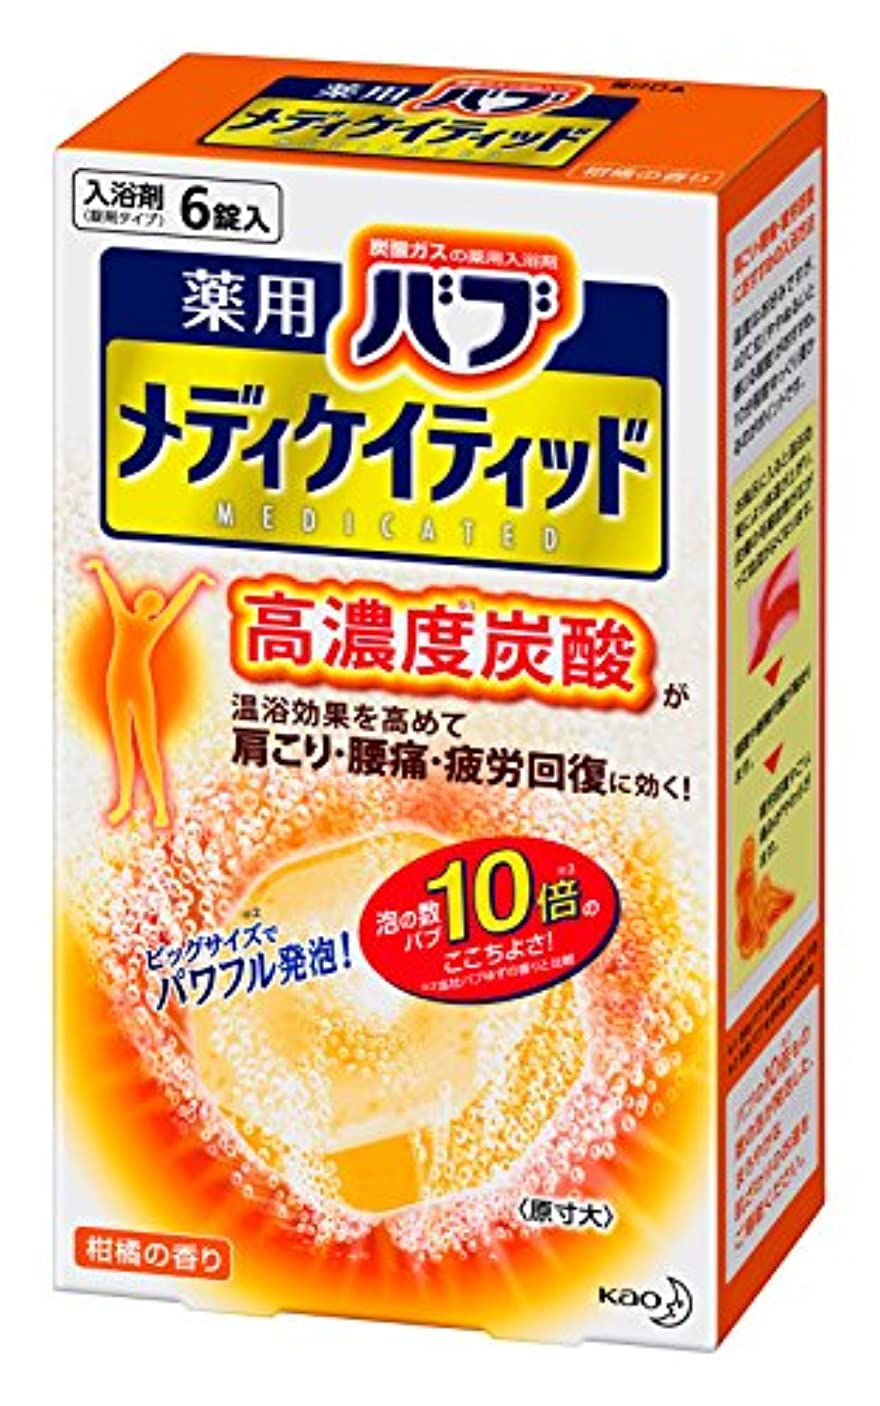 衛星水を飲むチャレンジバブ メディケイティッド 柑橘の香り 6錠入